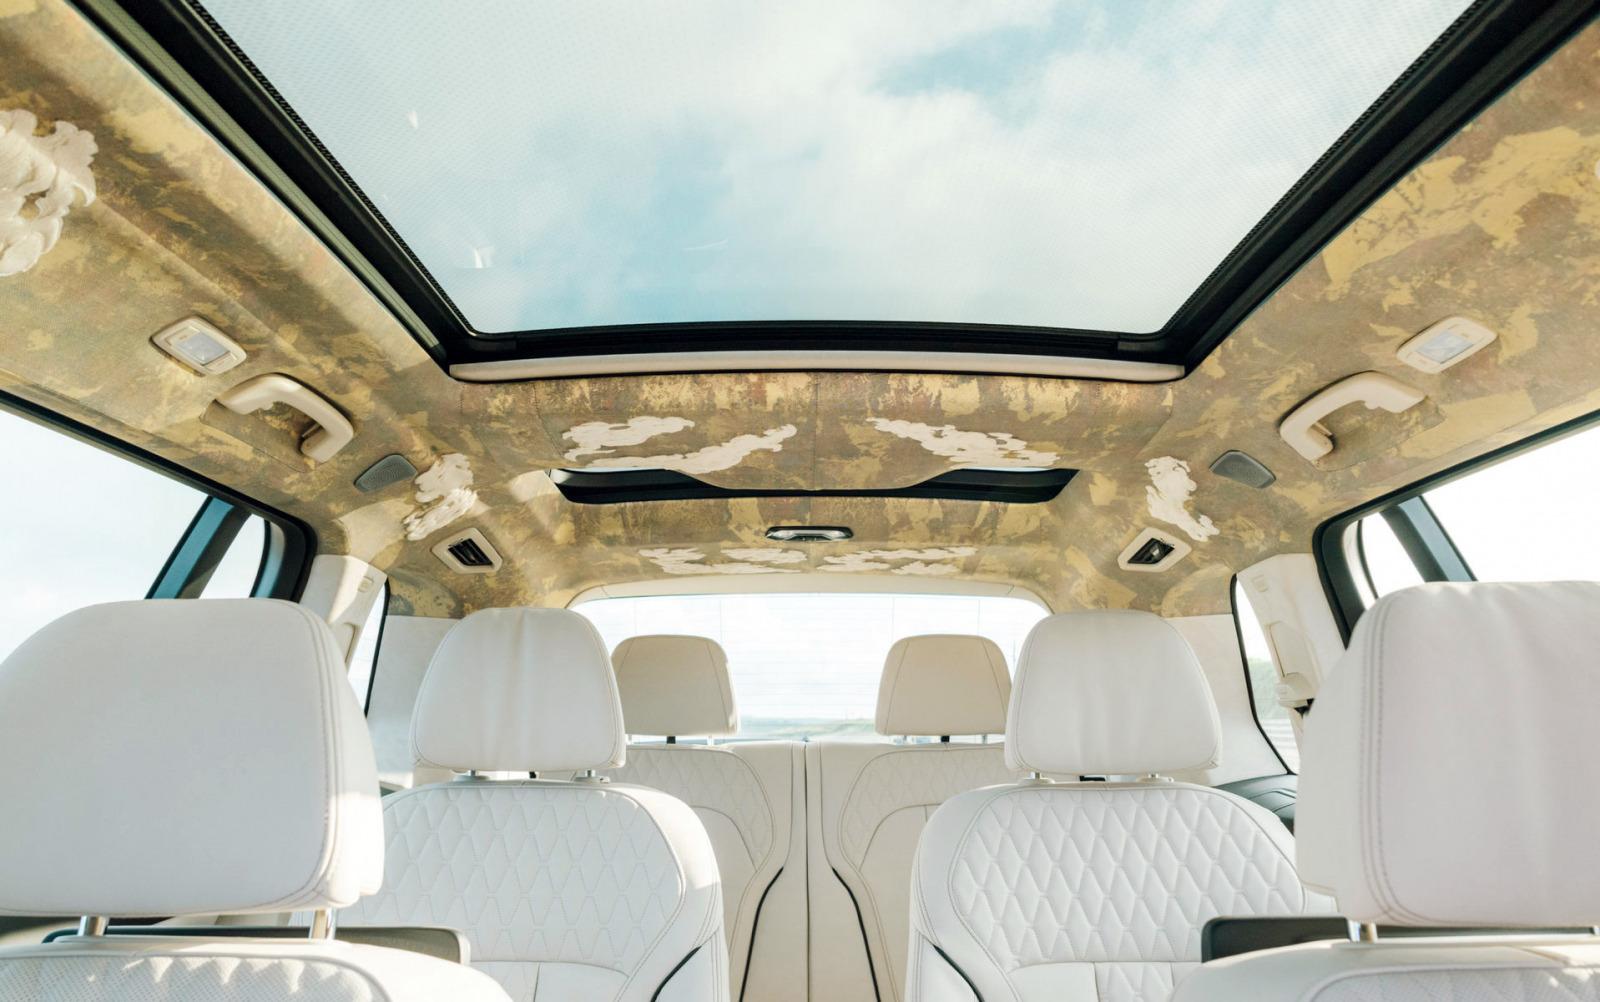 Фирма BMW показала спецверсию X7 для Японии – Nishijin Edition: в серию войдут всего три экземпляра с особой переливающейся окраской кузова и отделкой интерьера в традиционном японском стиле.